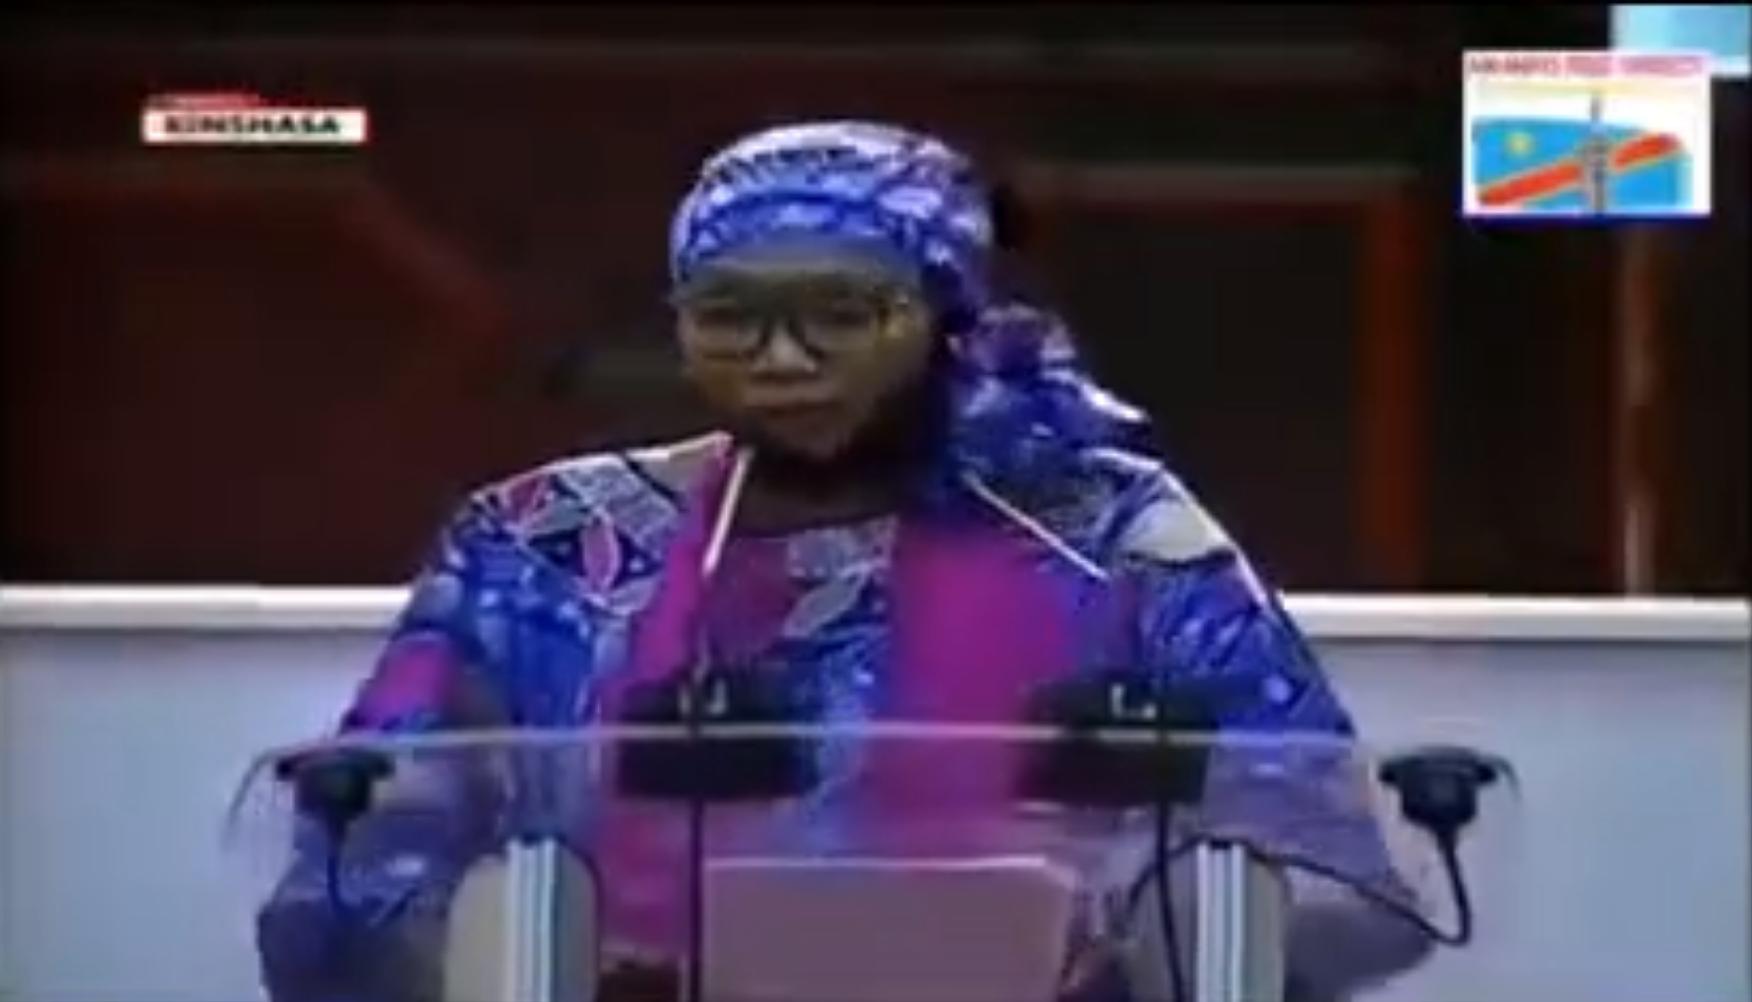 RDC. L'Assemblée Nationale devient-elle un nid de corrompus où les billets verts circulent à l'aisément dans les couloirs de cette hémicycle, le temple me dit-on de la démocratie ?